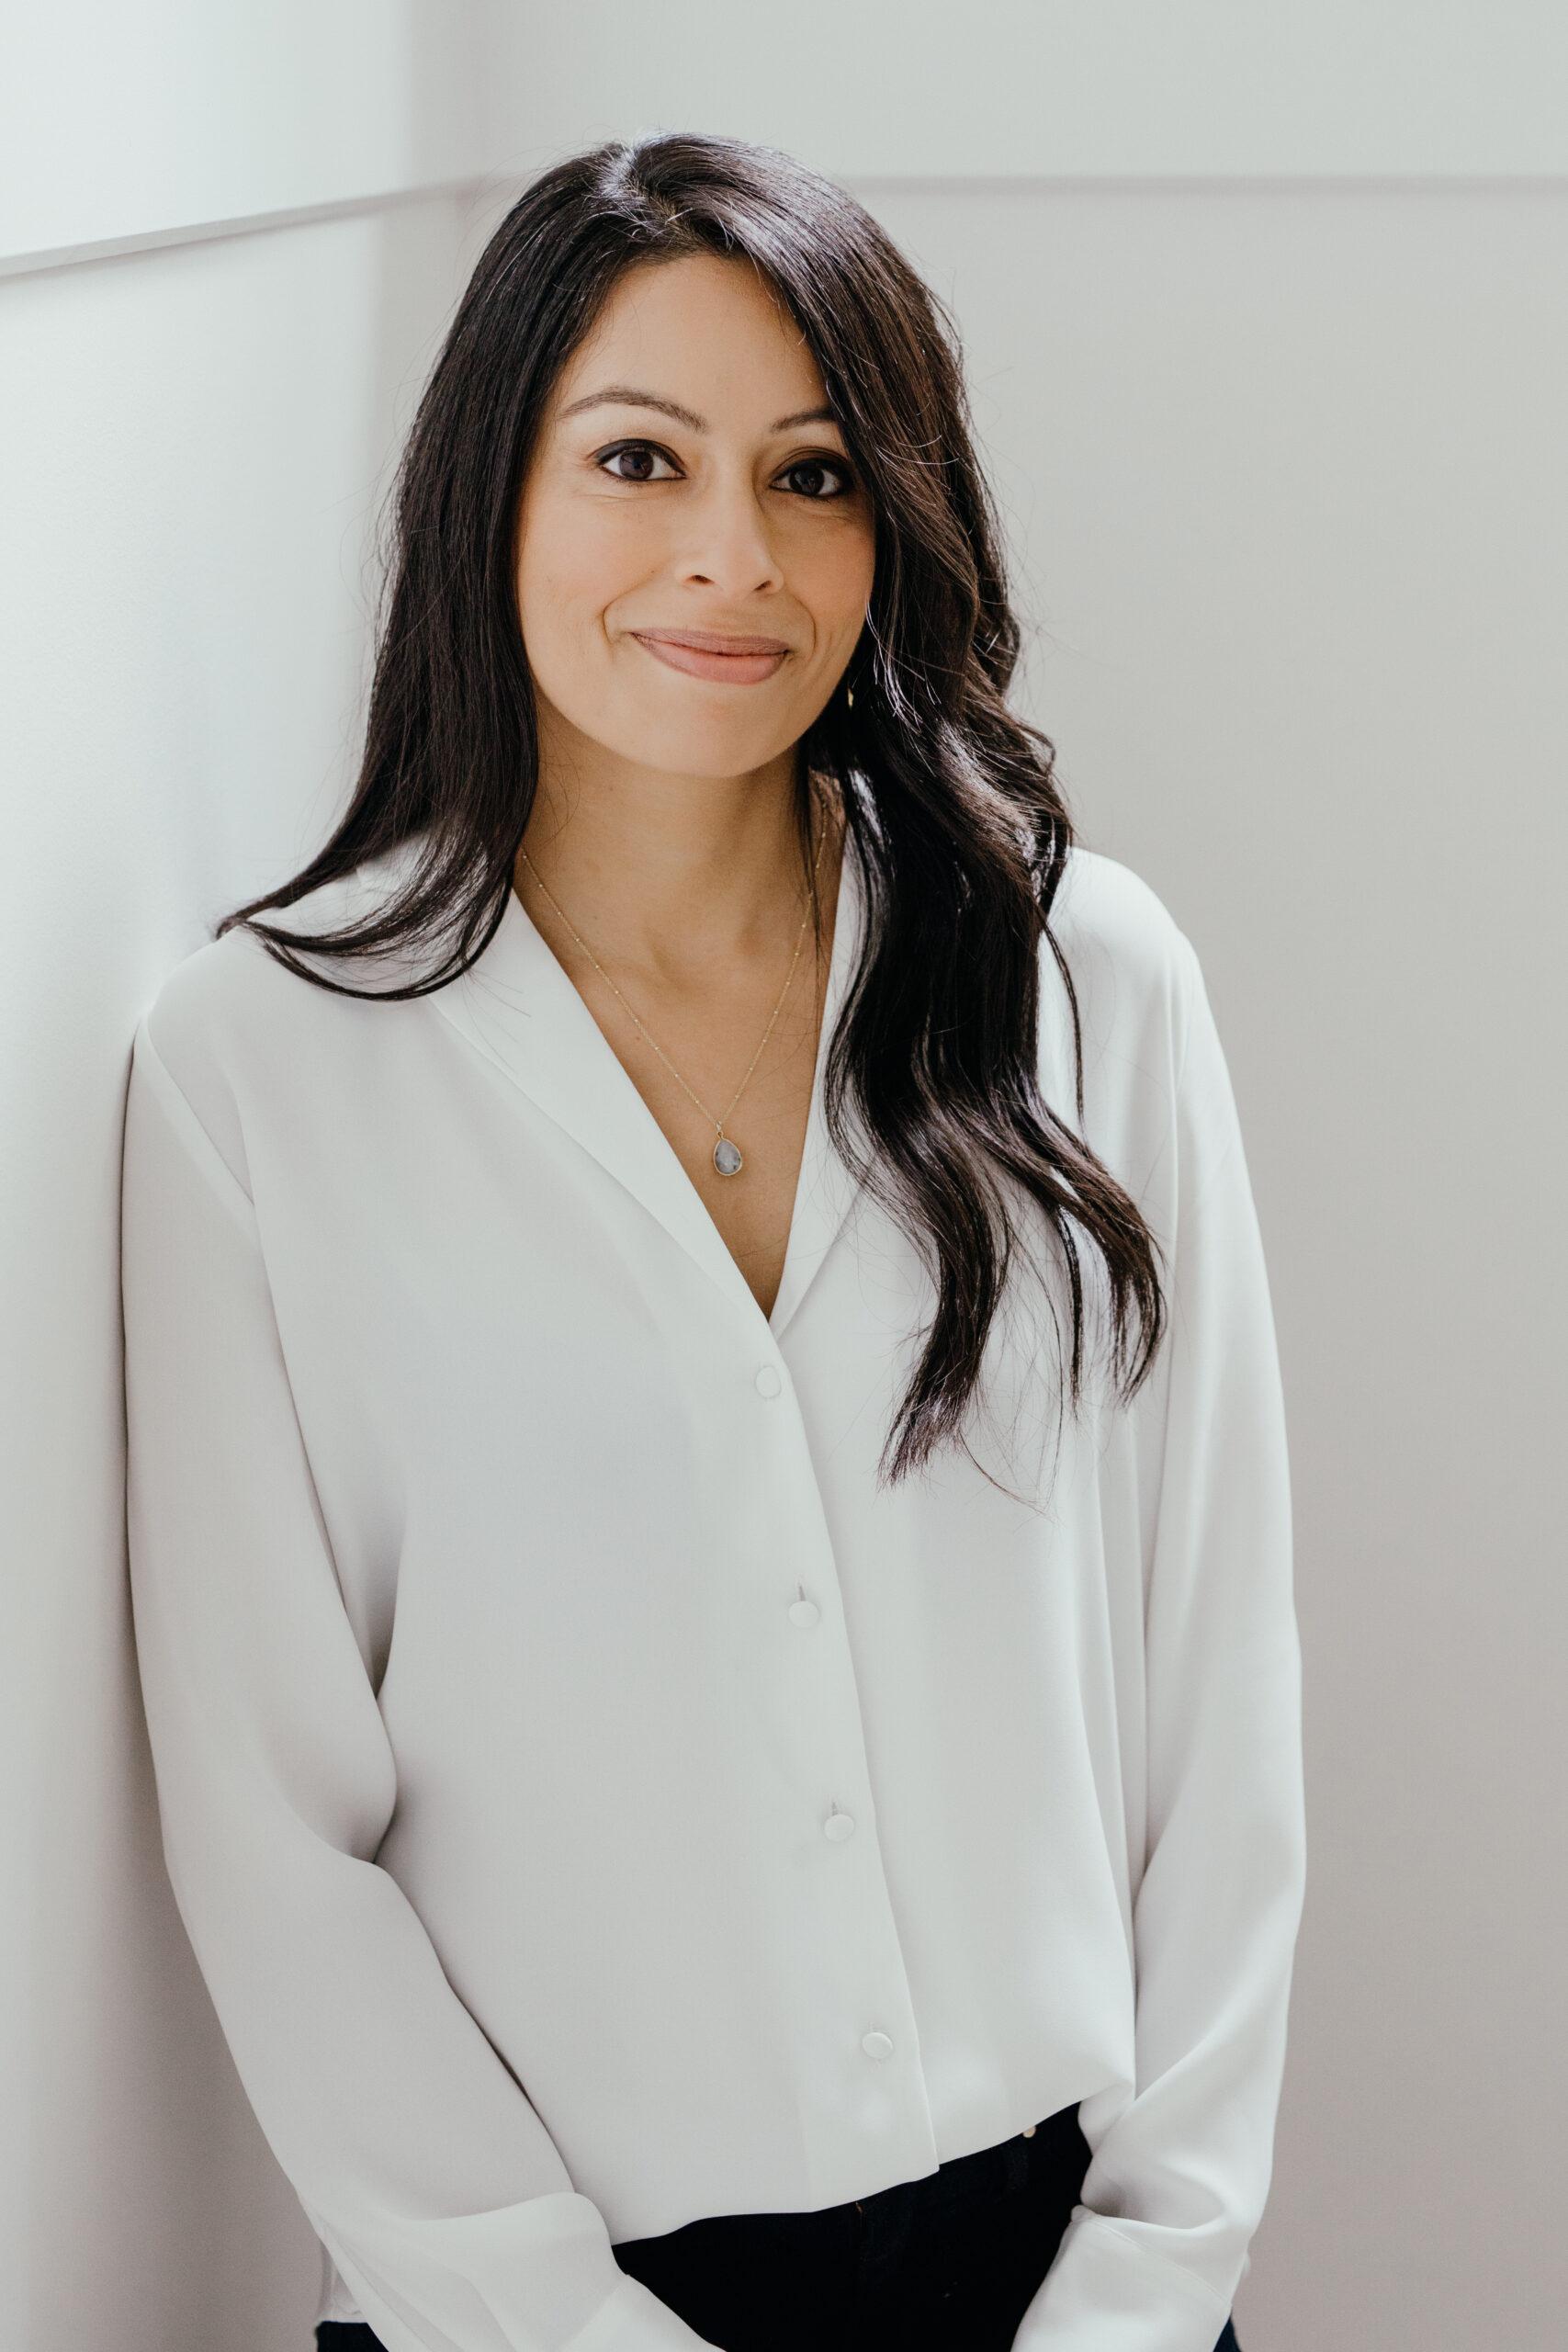 Dr. Sonya Jensen, Divine Elements